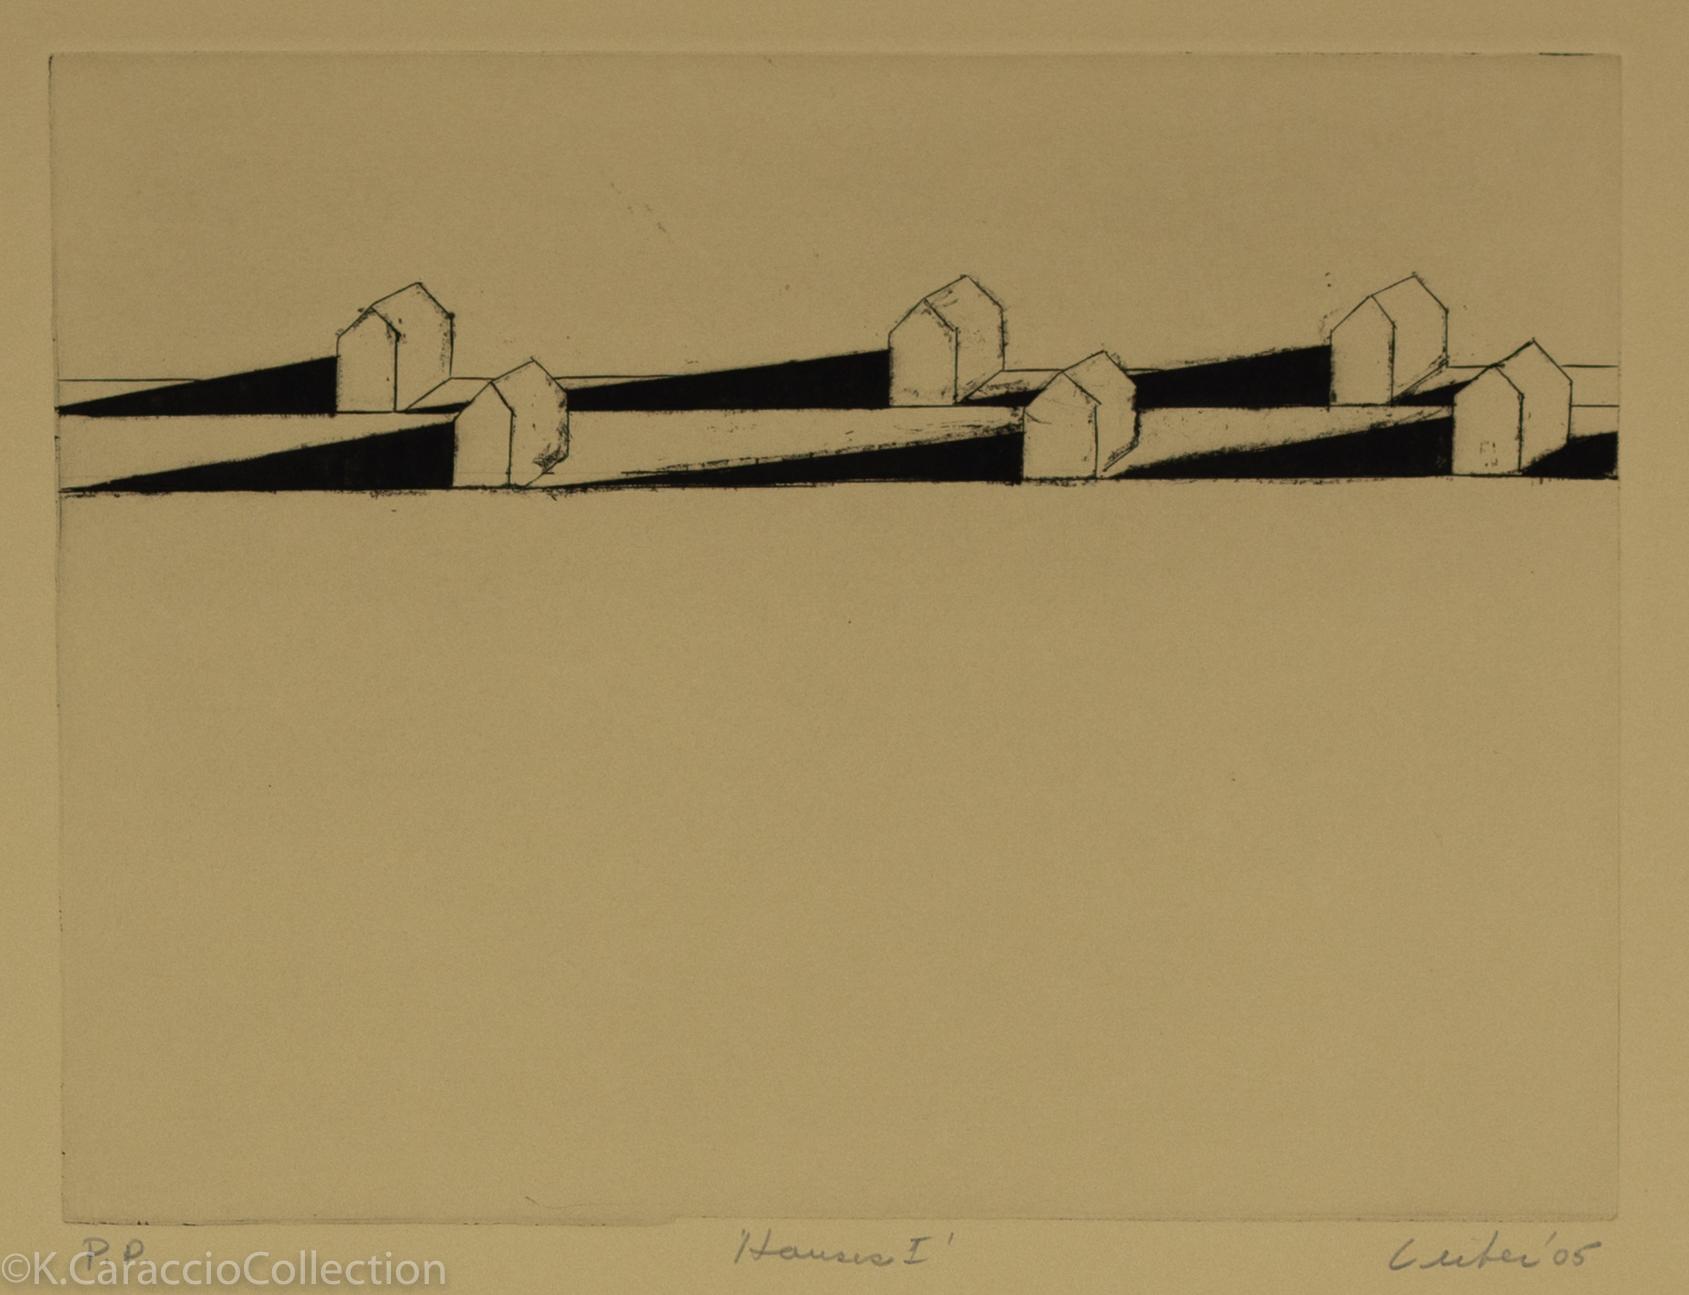 'Houses I', 2005